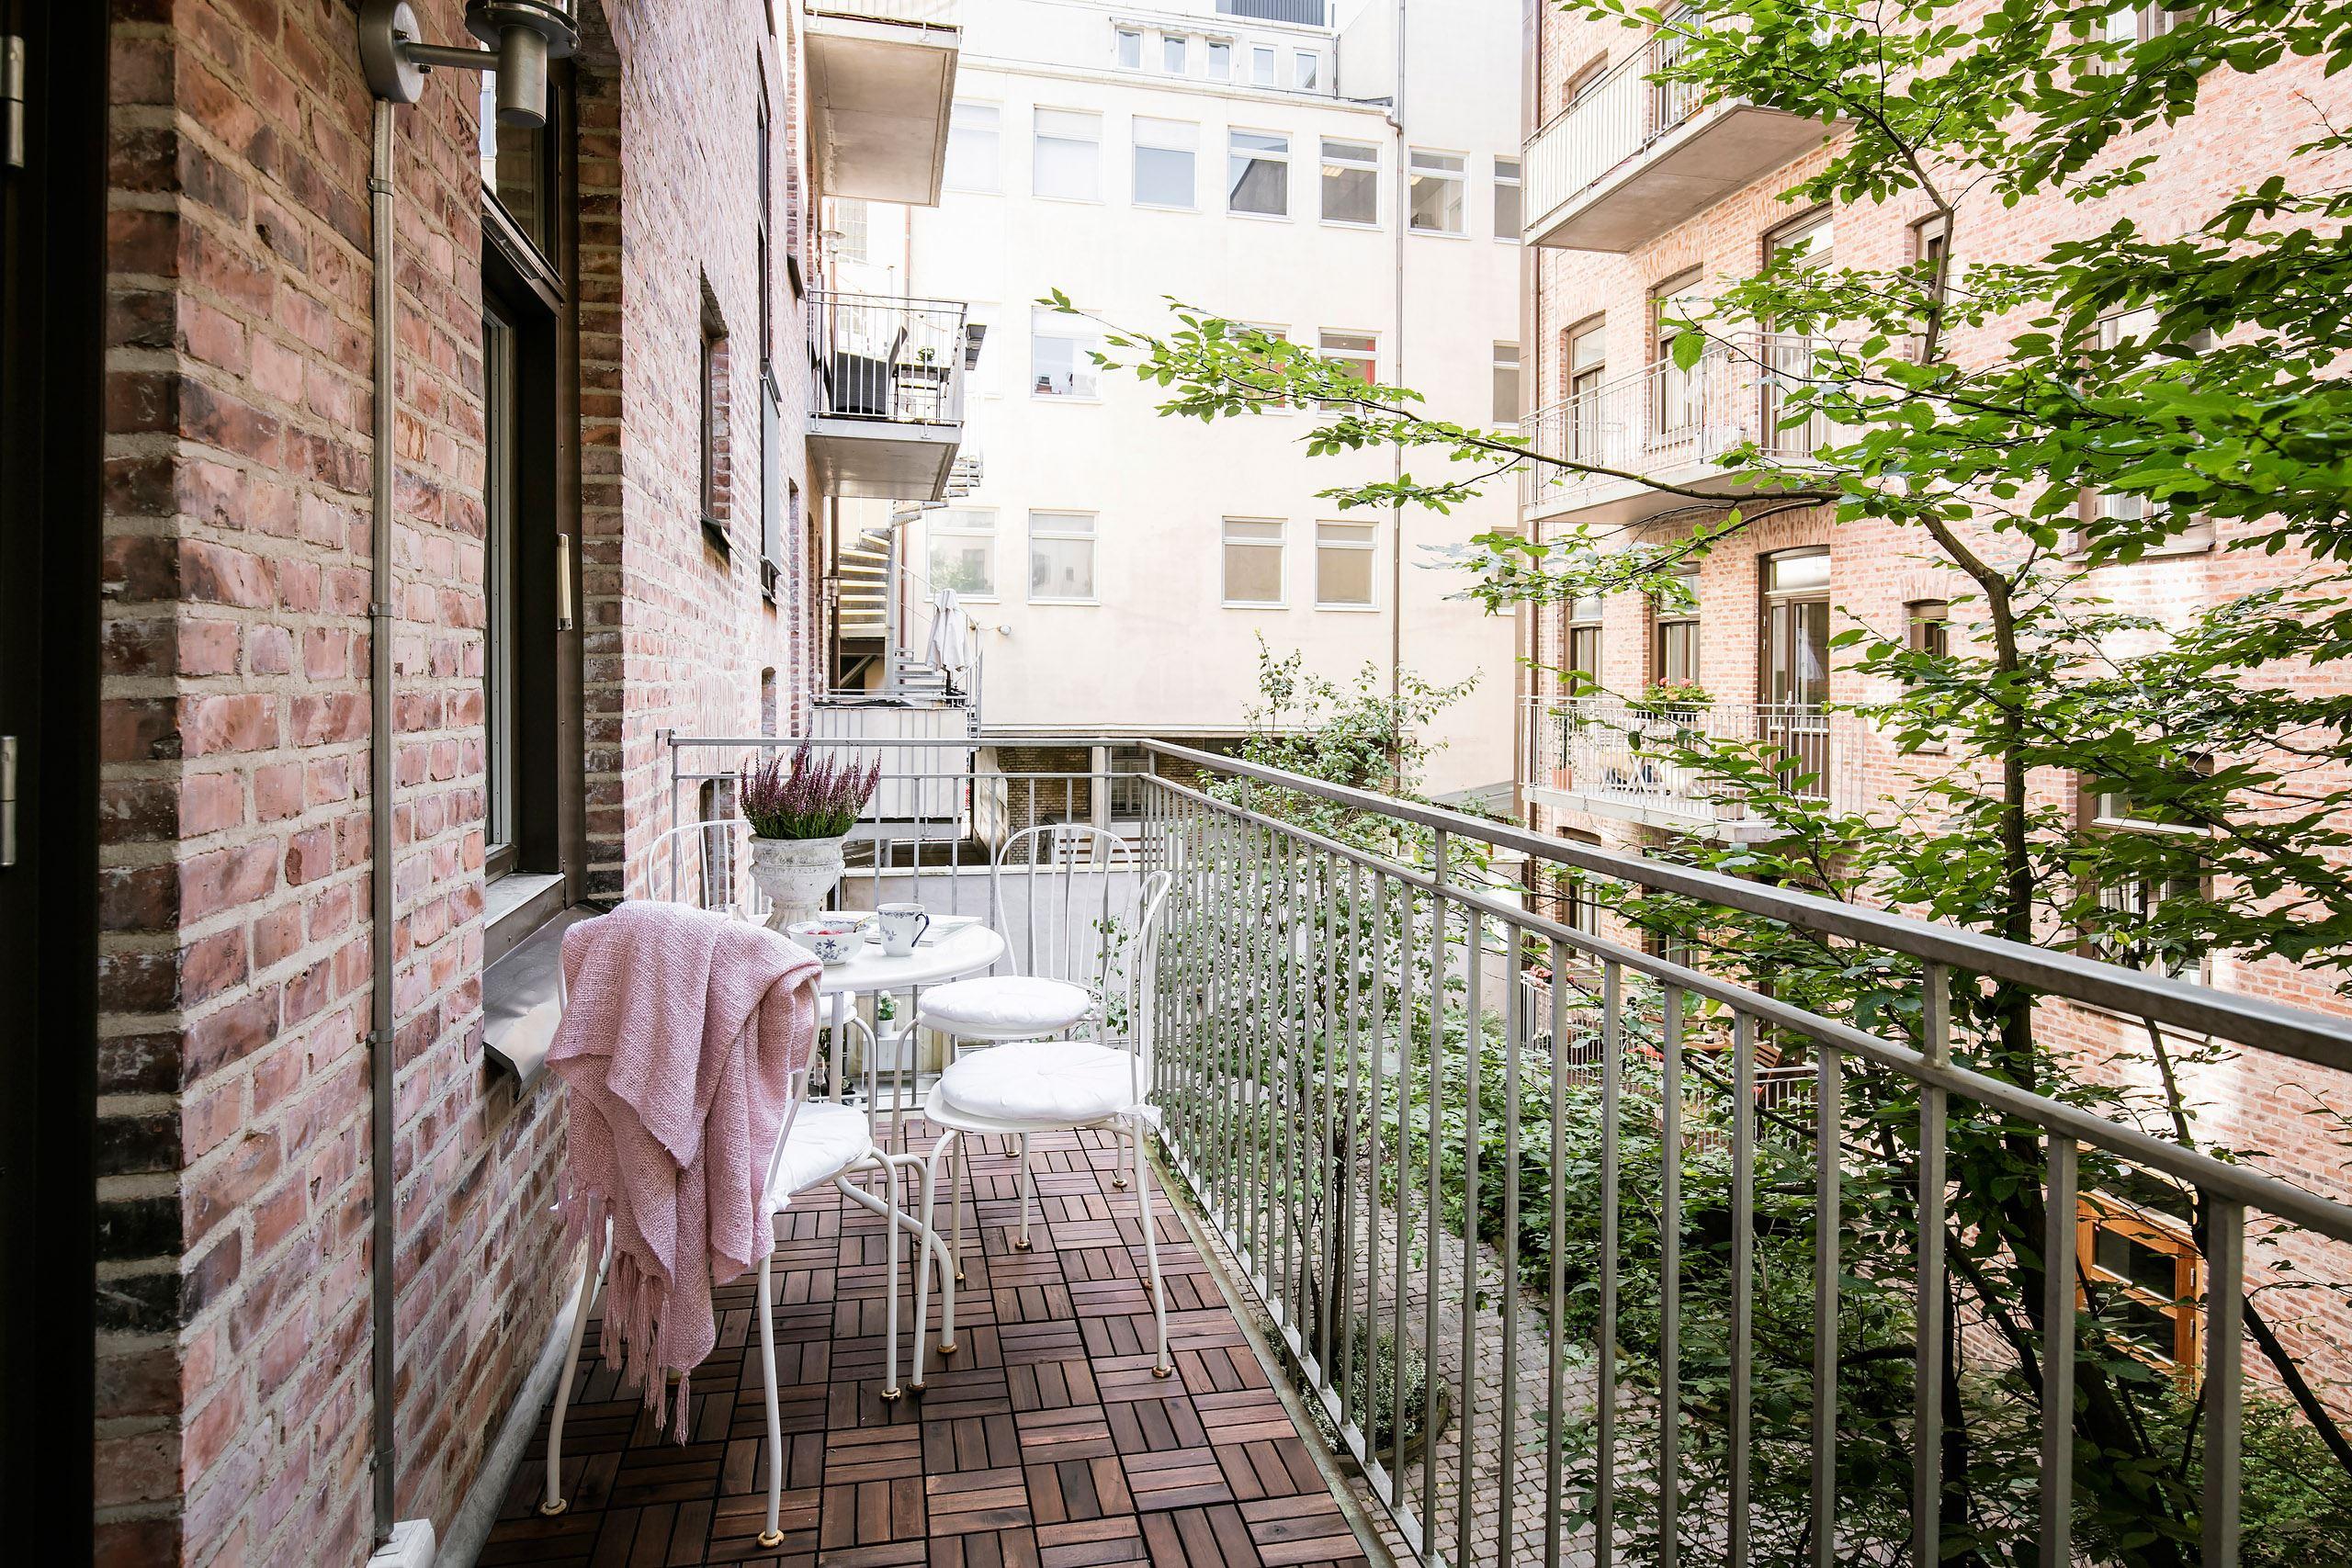 балкон деревянный настил уличная мебель